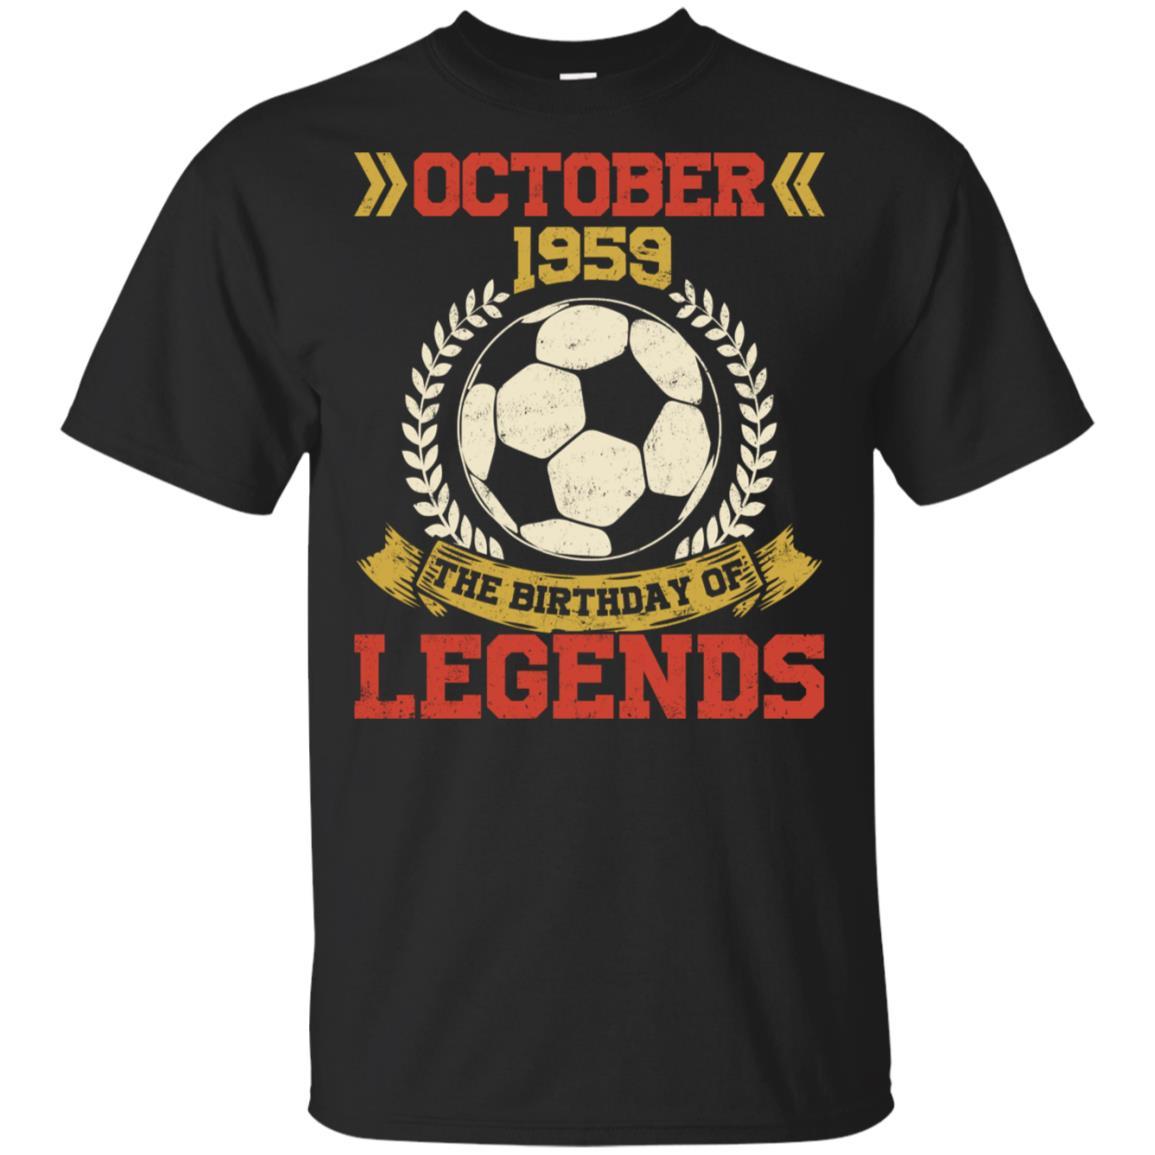 1959 October 59th Birthday Of Football Soccer Legend Unisex Short Sleeve